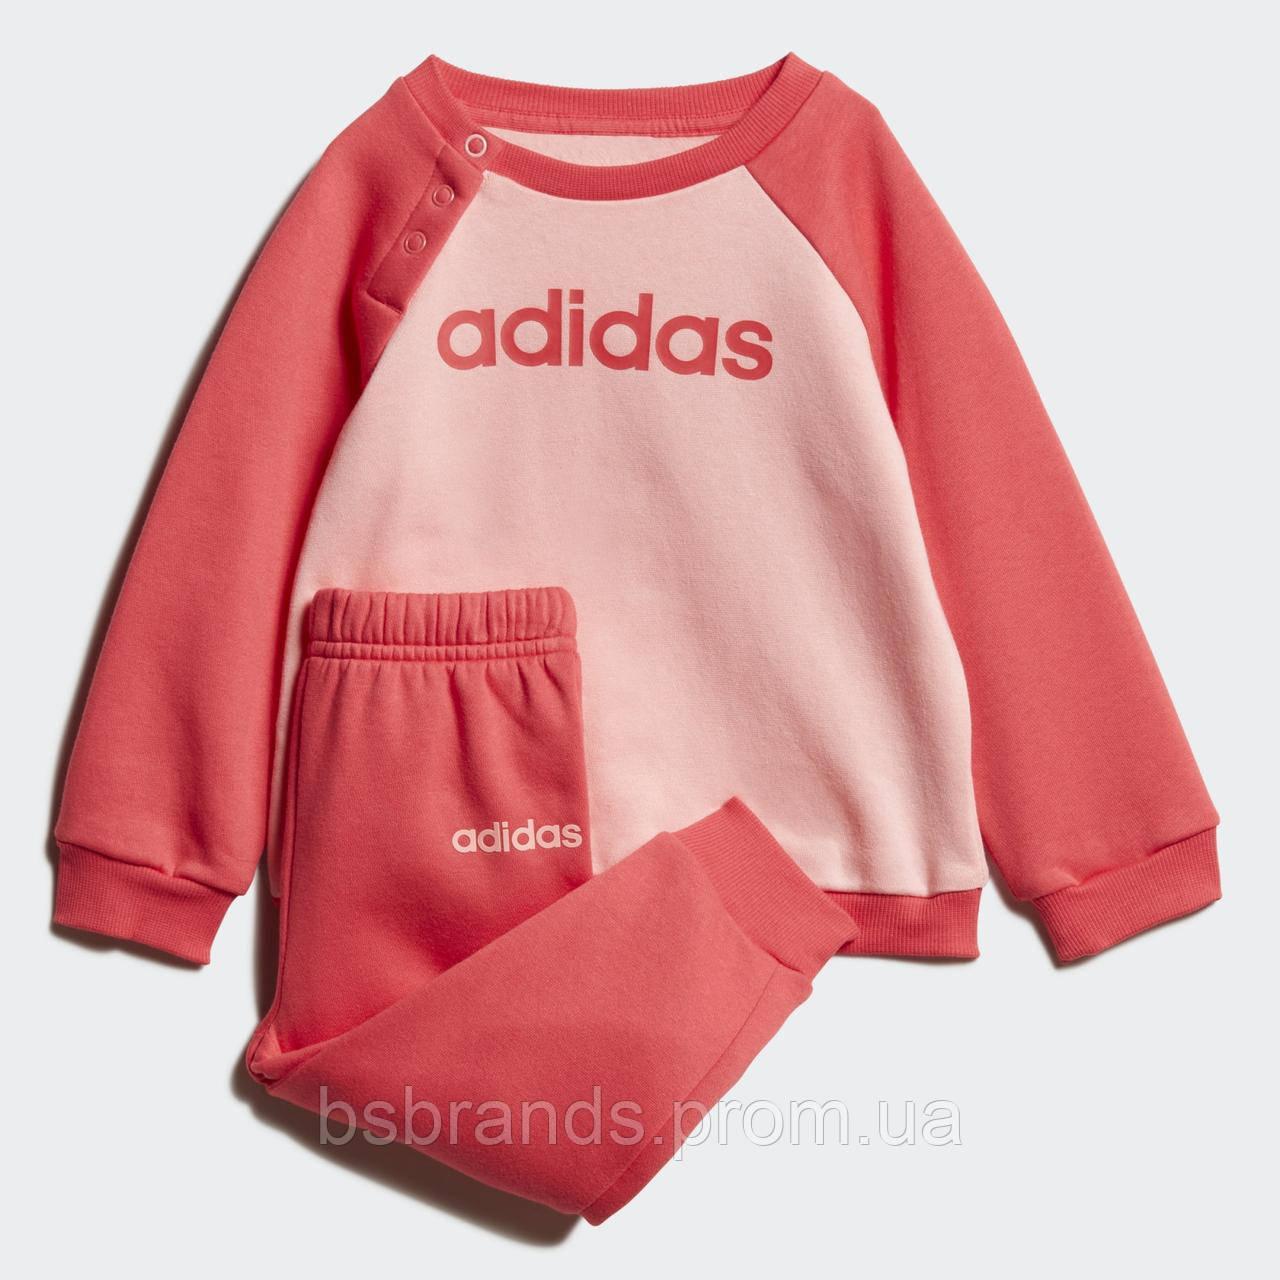 Детский спортивный костюм adidas Linear FM6574 (2020/1)